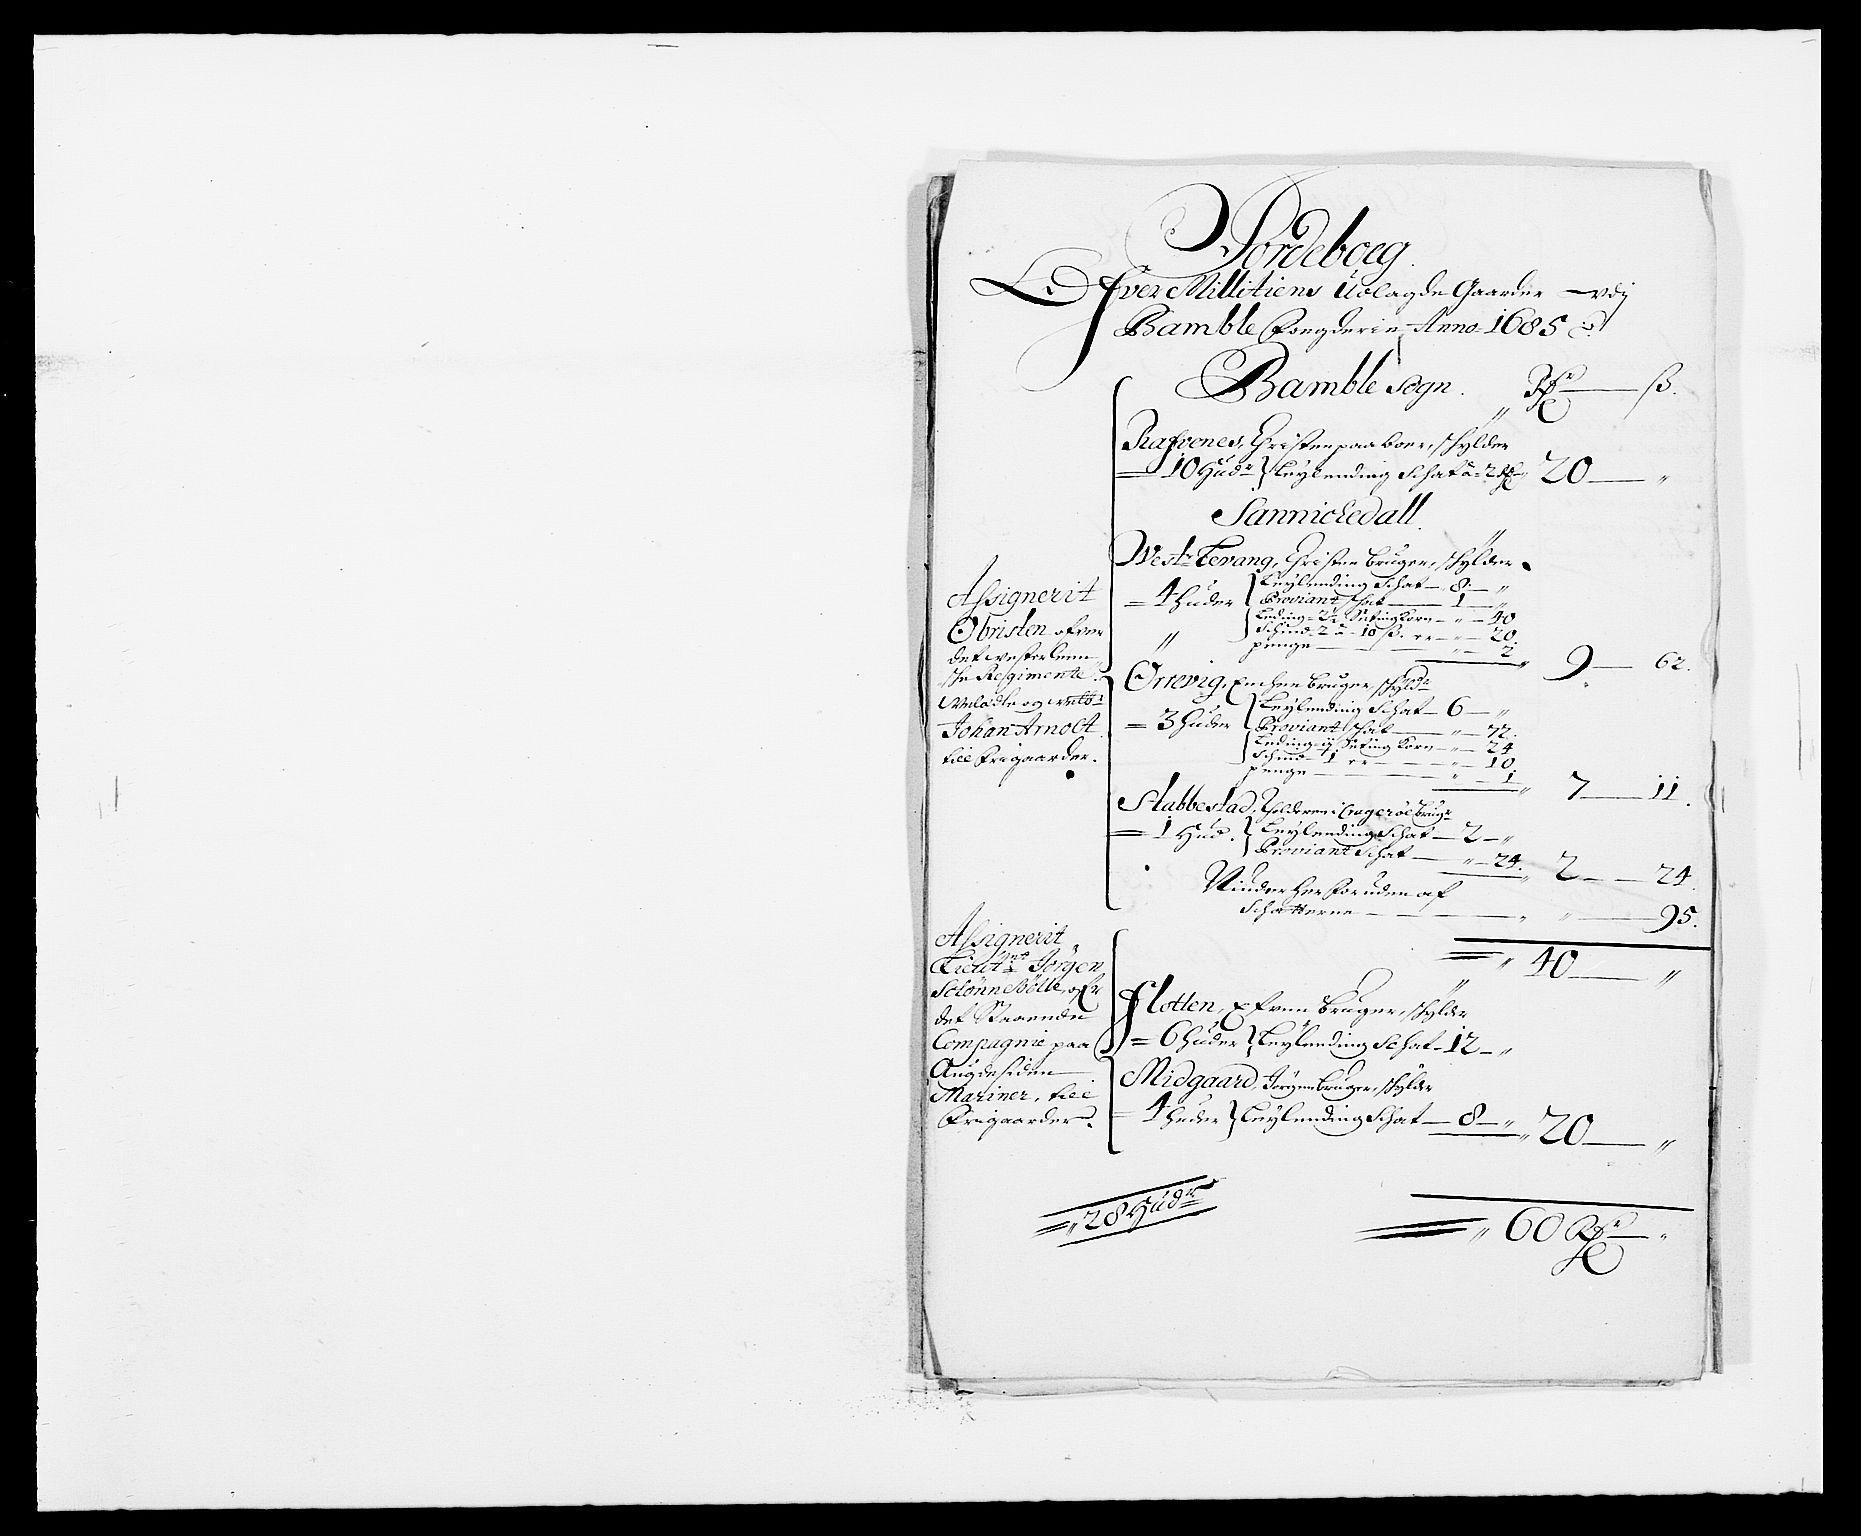 RA, Rentekammeret inntil 1814, Reviderte regnskaper, Fogderegnskap, R34/L2048: Fogderegnskap Bamble, 1685-1687, s. 183